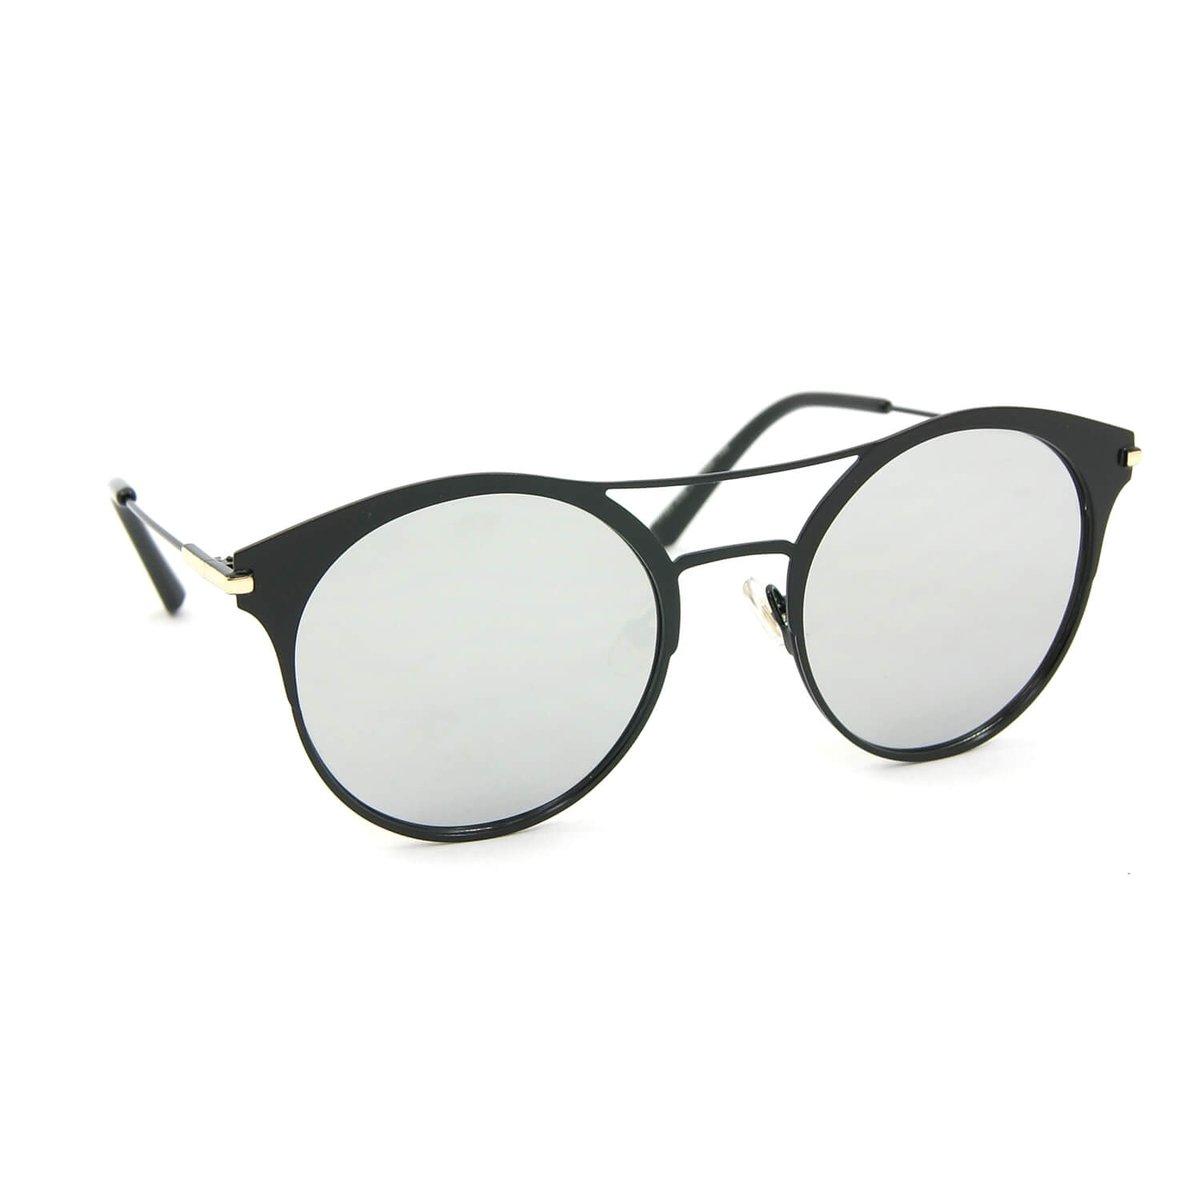 8c86daed0 Óculos de Sol Estilo Top Bar Redondo Espelhado - Preto | Zattini